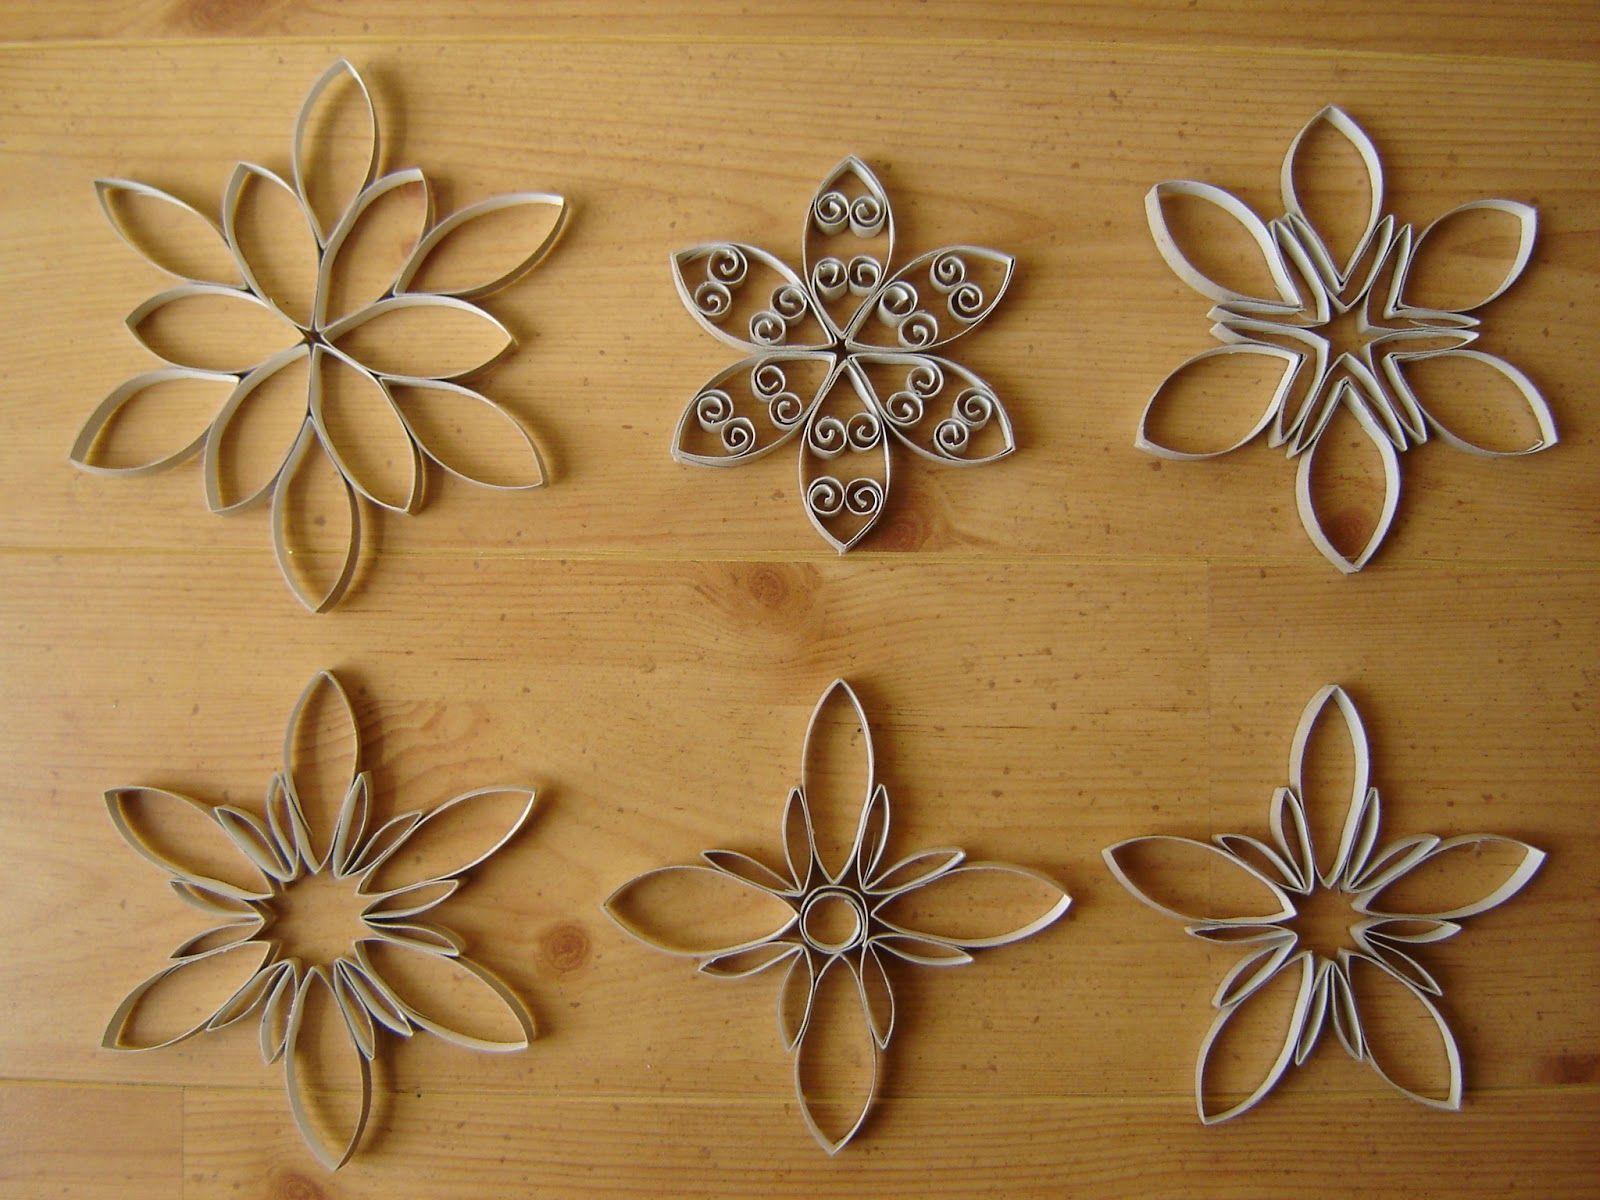 decorazioni natalizie utilizzando rotoli di carta igienica. tutorial